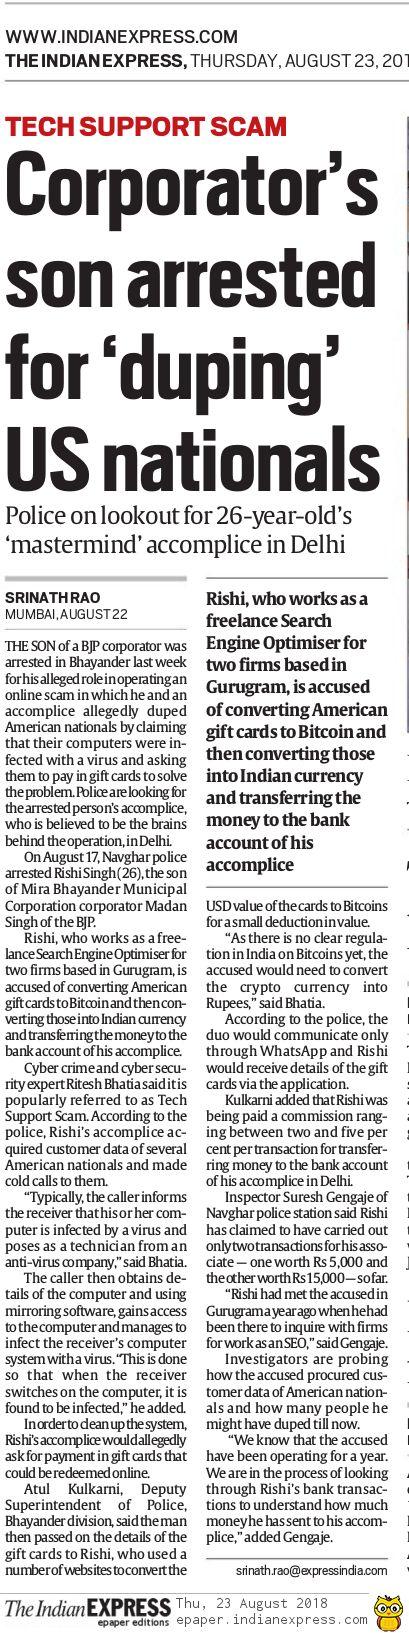 Ritesh Bhatia - Cyber frauds and cyber crimes media coverage